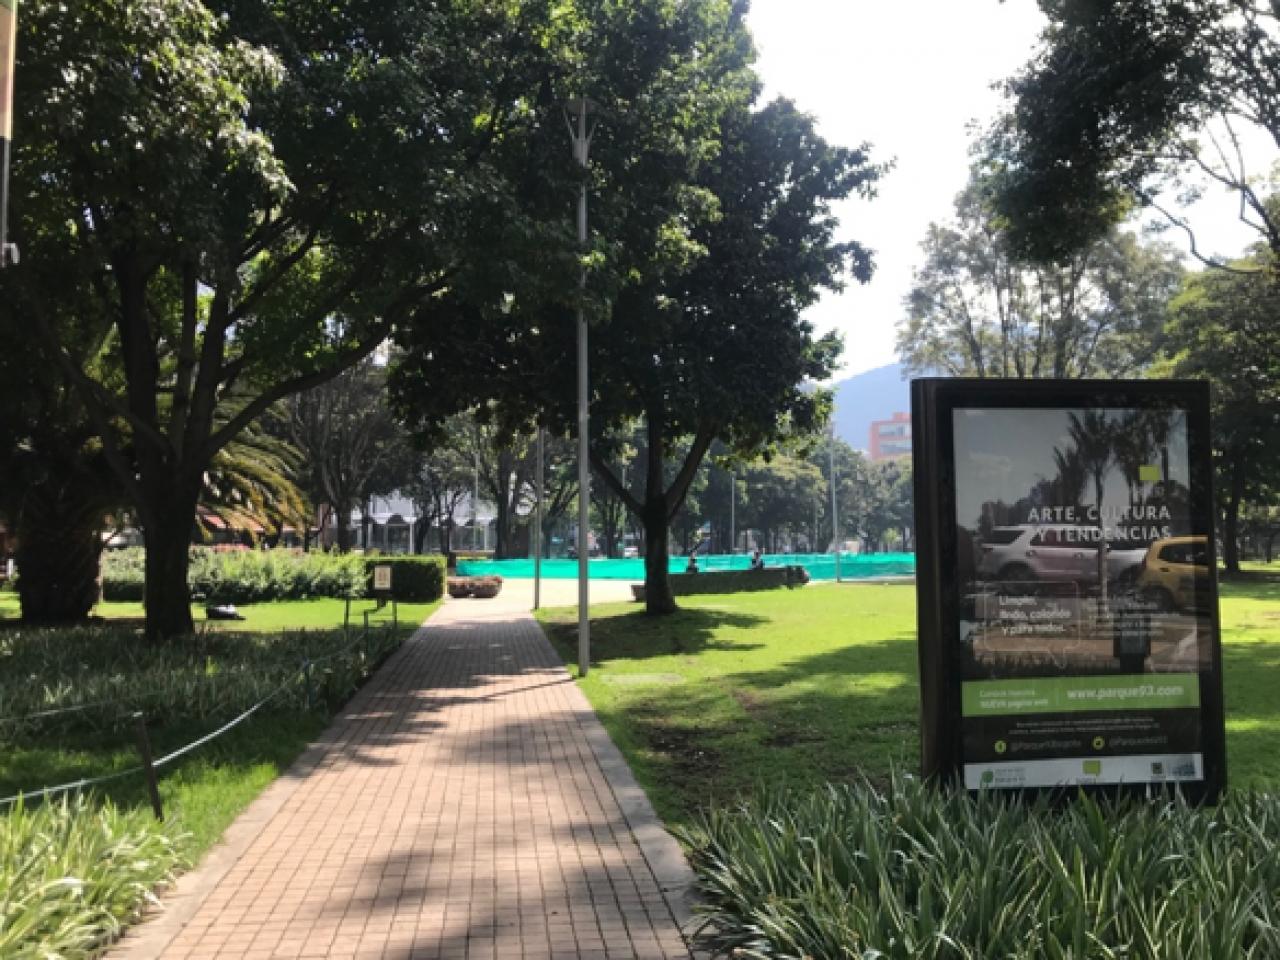 El Parque de la 93, entre los lugares más costosos del mundo